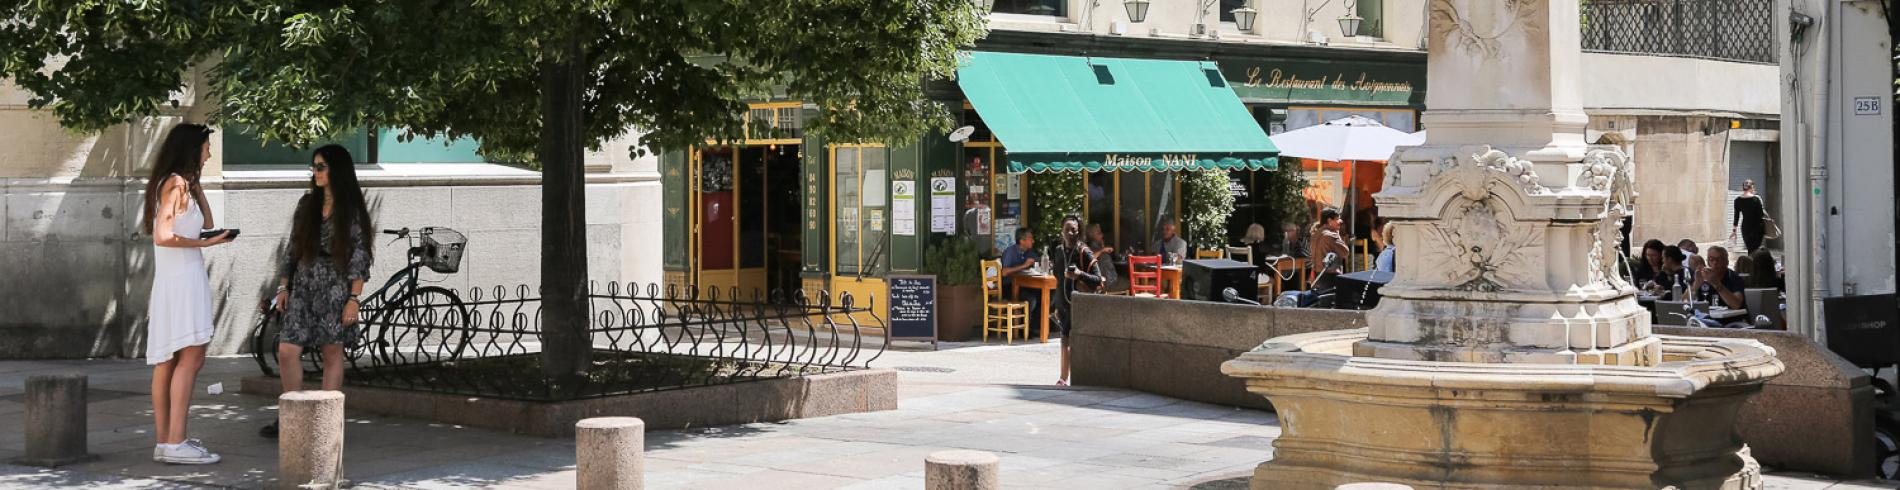 Visit Avignon with Eurostar